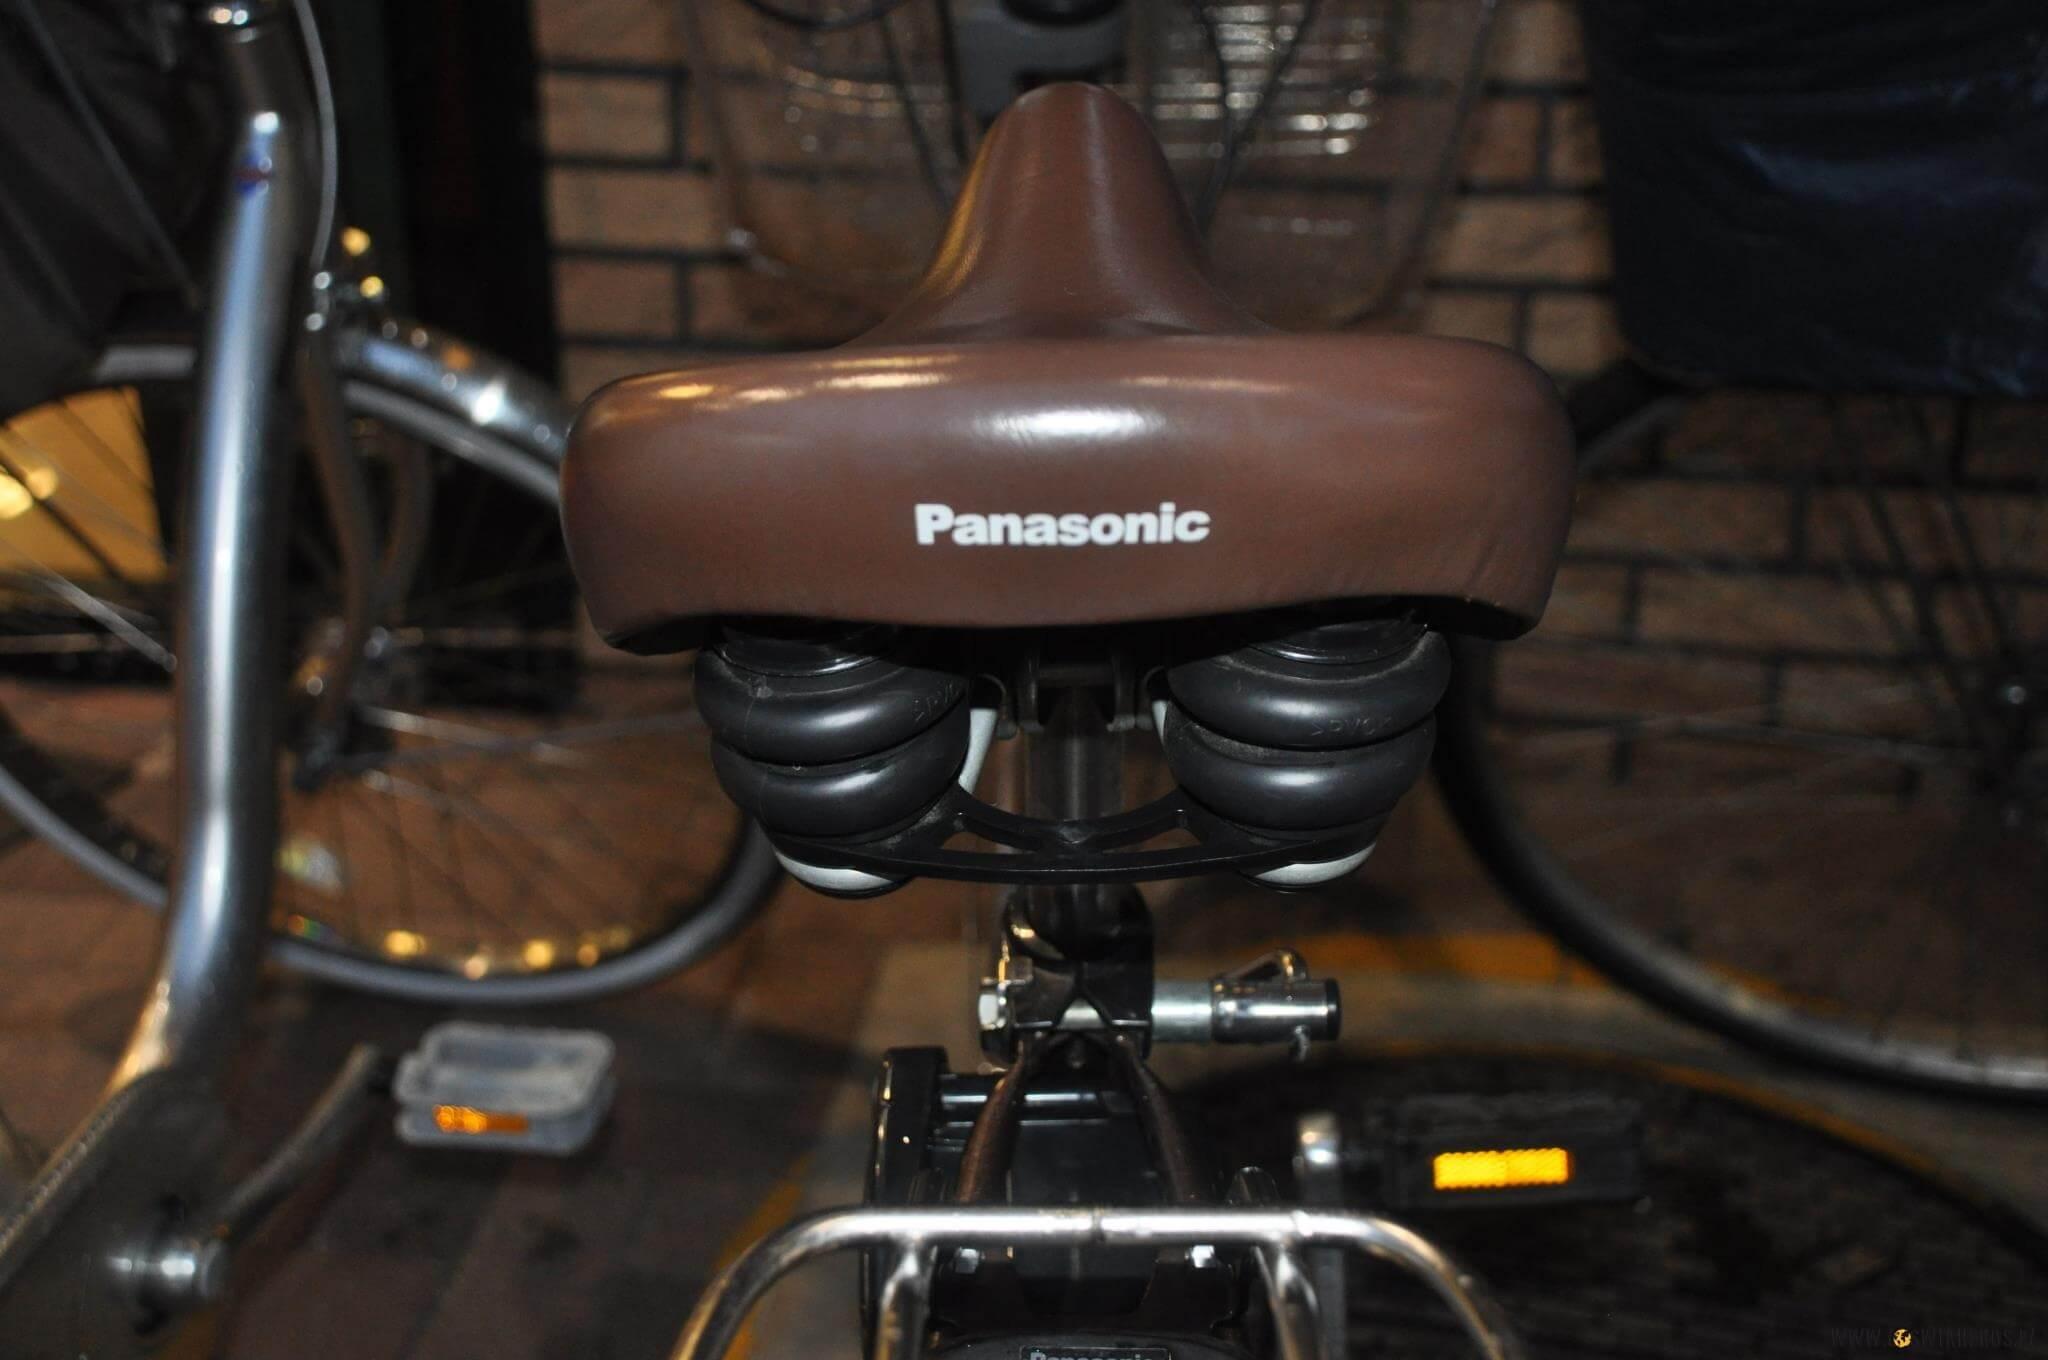 Pomyślałby kto! Siodełko marki Panasonic?